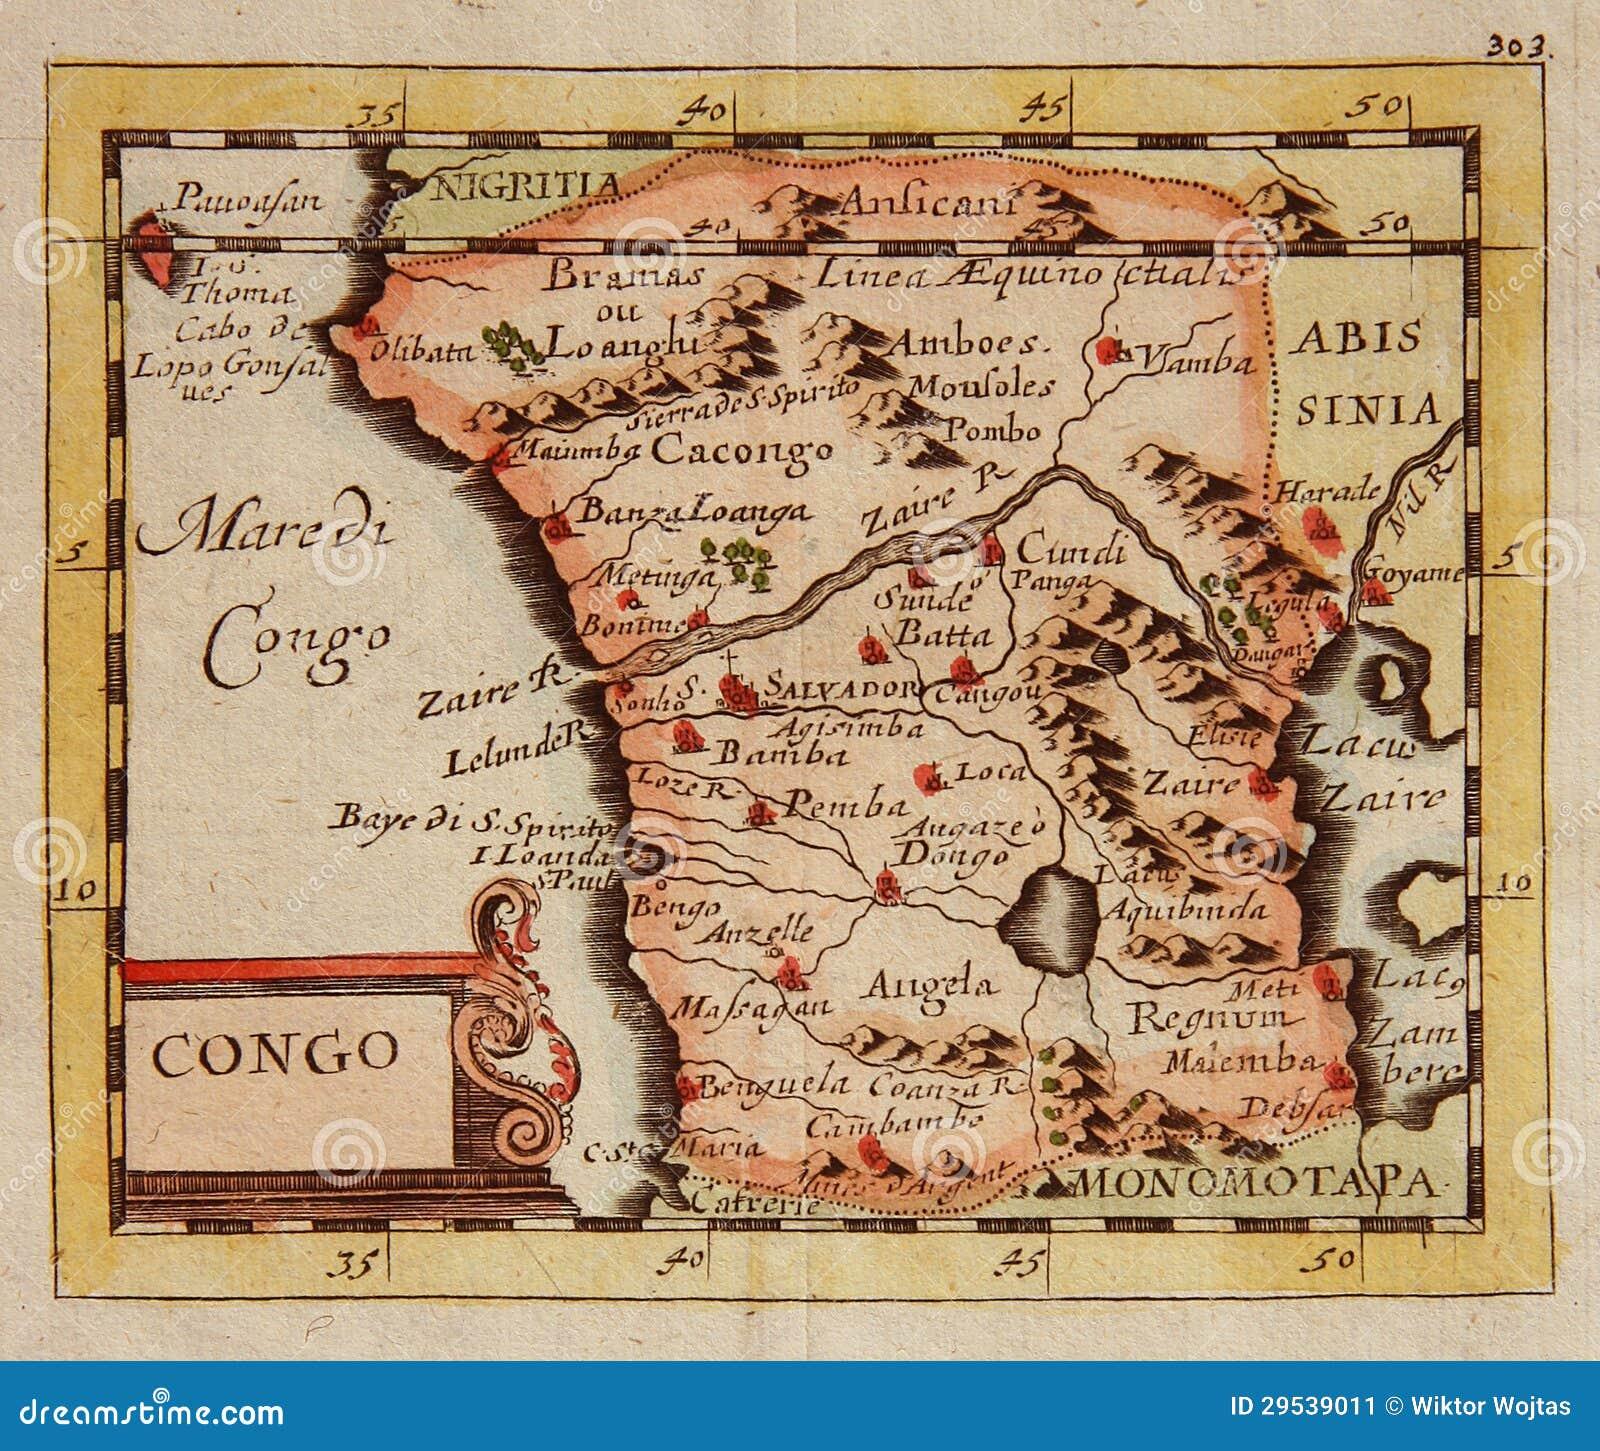 Mapa antiguo de congo frica imagen de archivo imagen de frica mapa antiguo de congo frica gumiabroncs Gallery